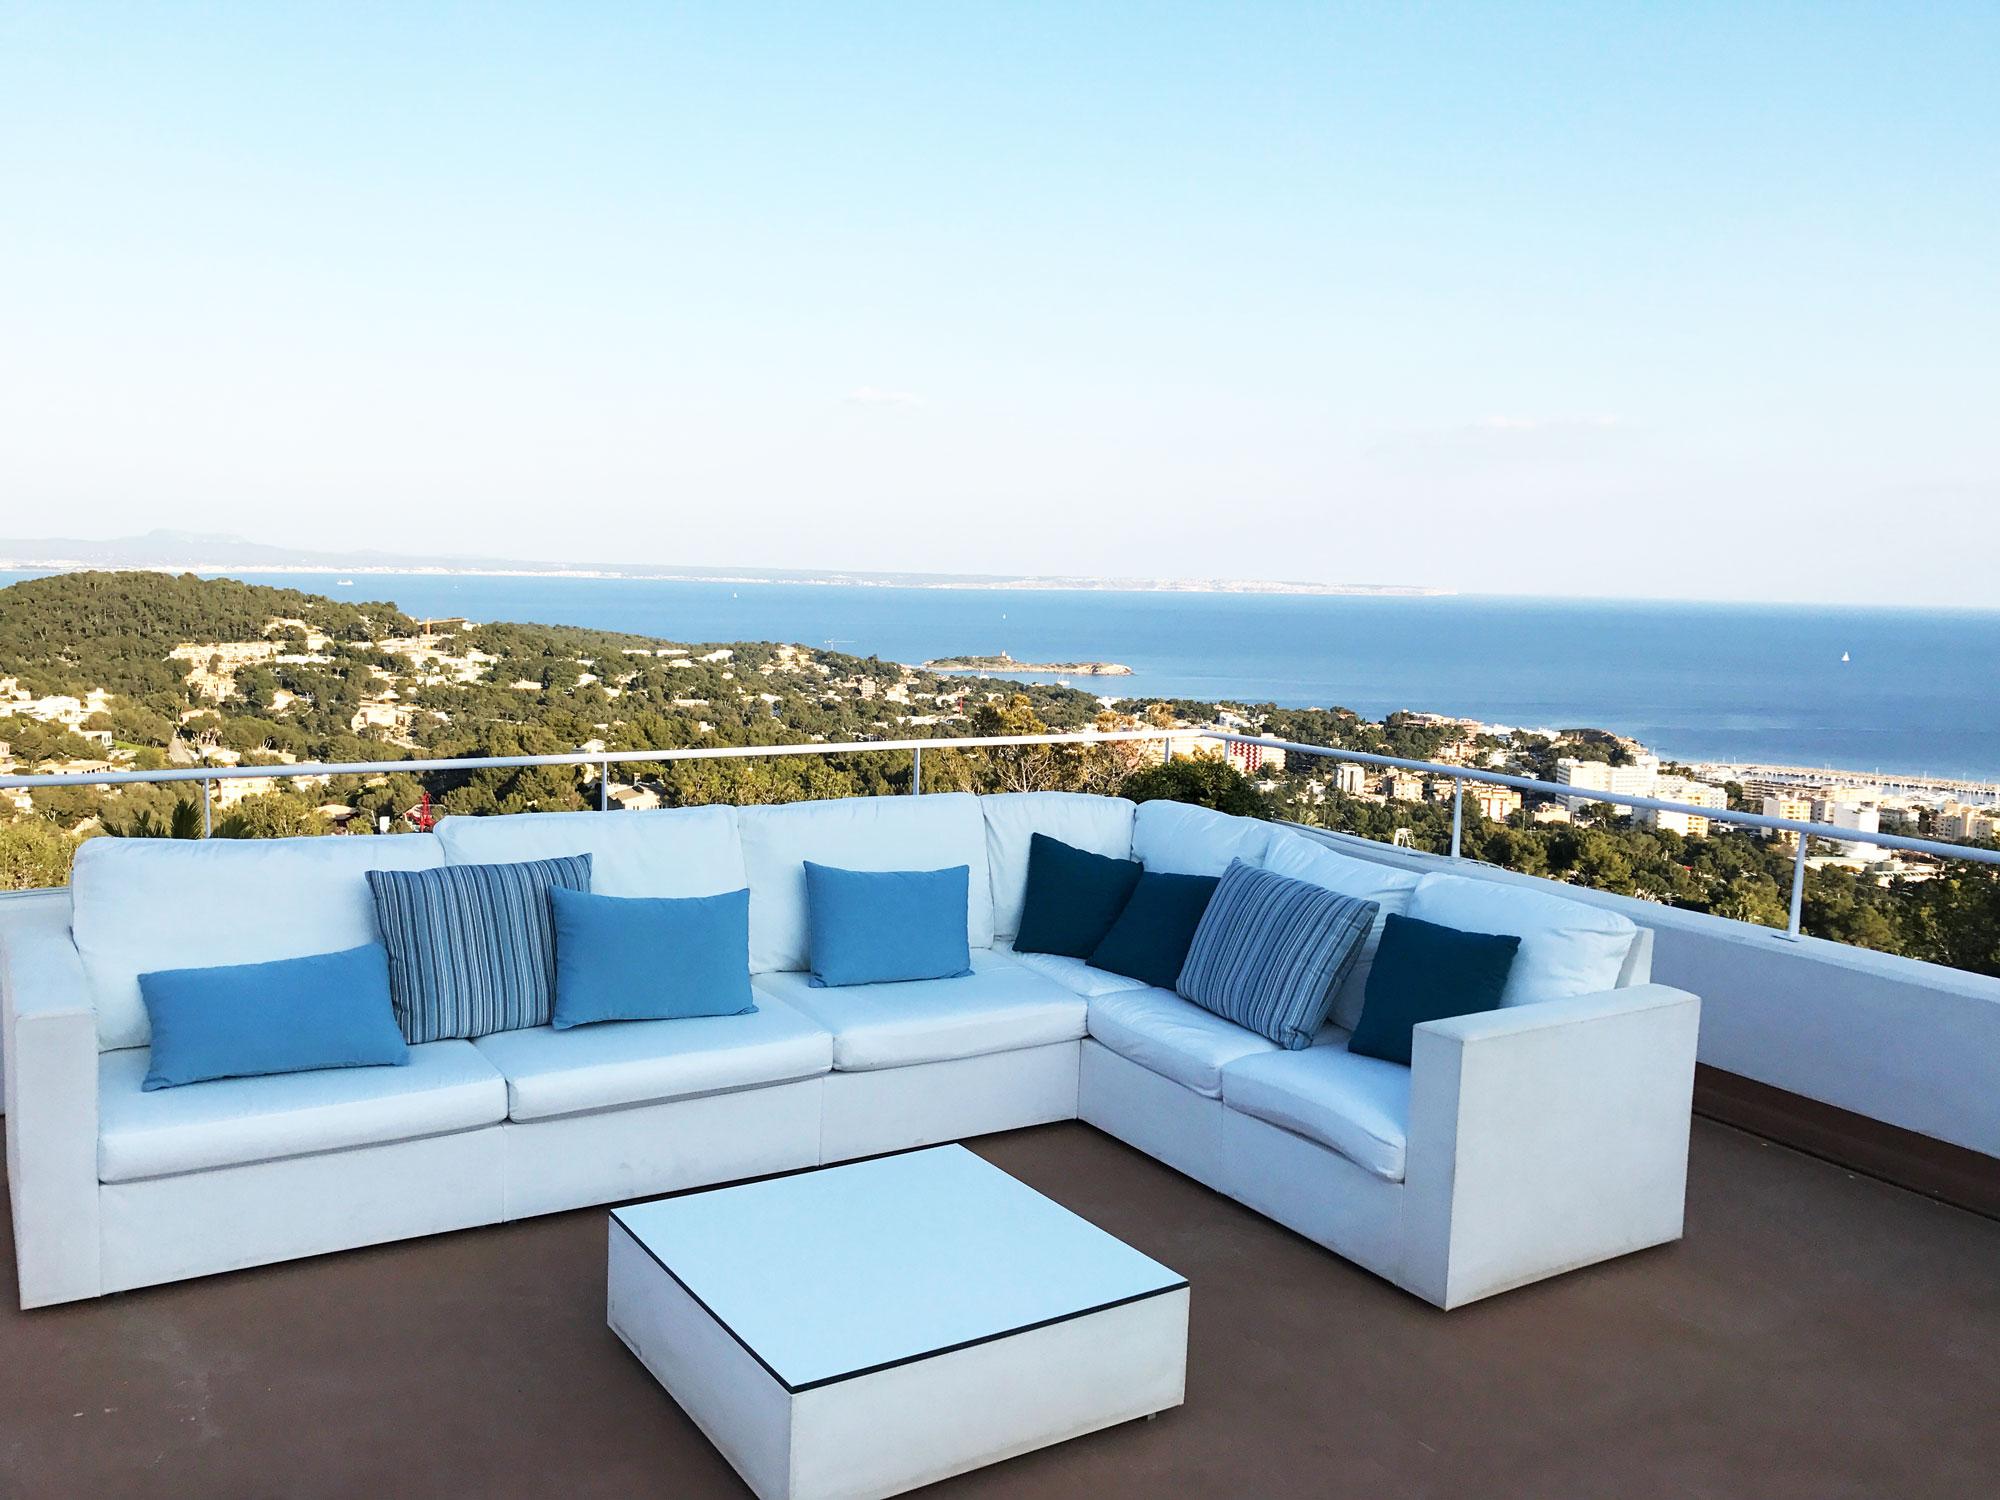 Großzügige Lounge auf PanoramaTerrasse